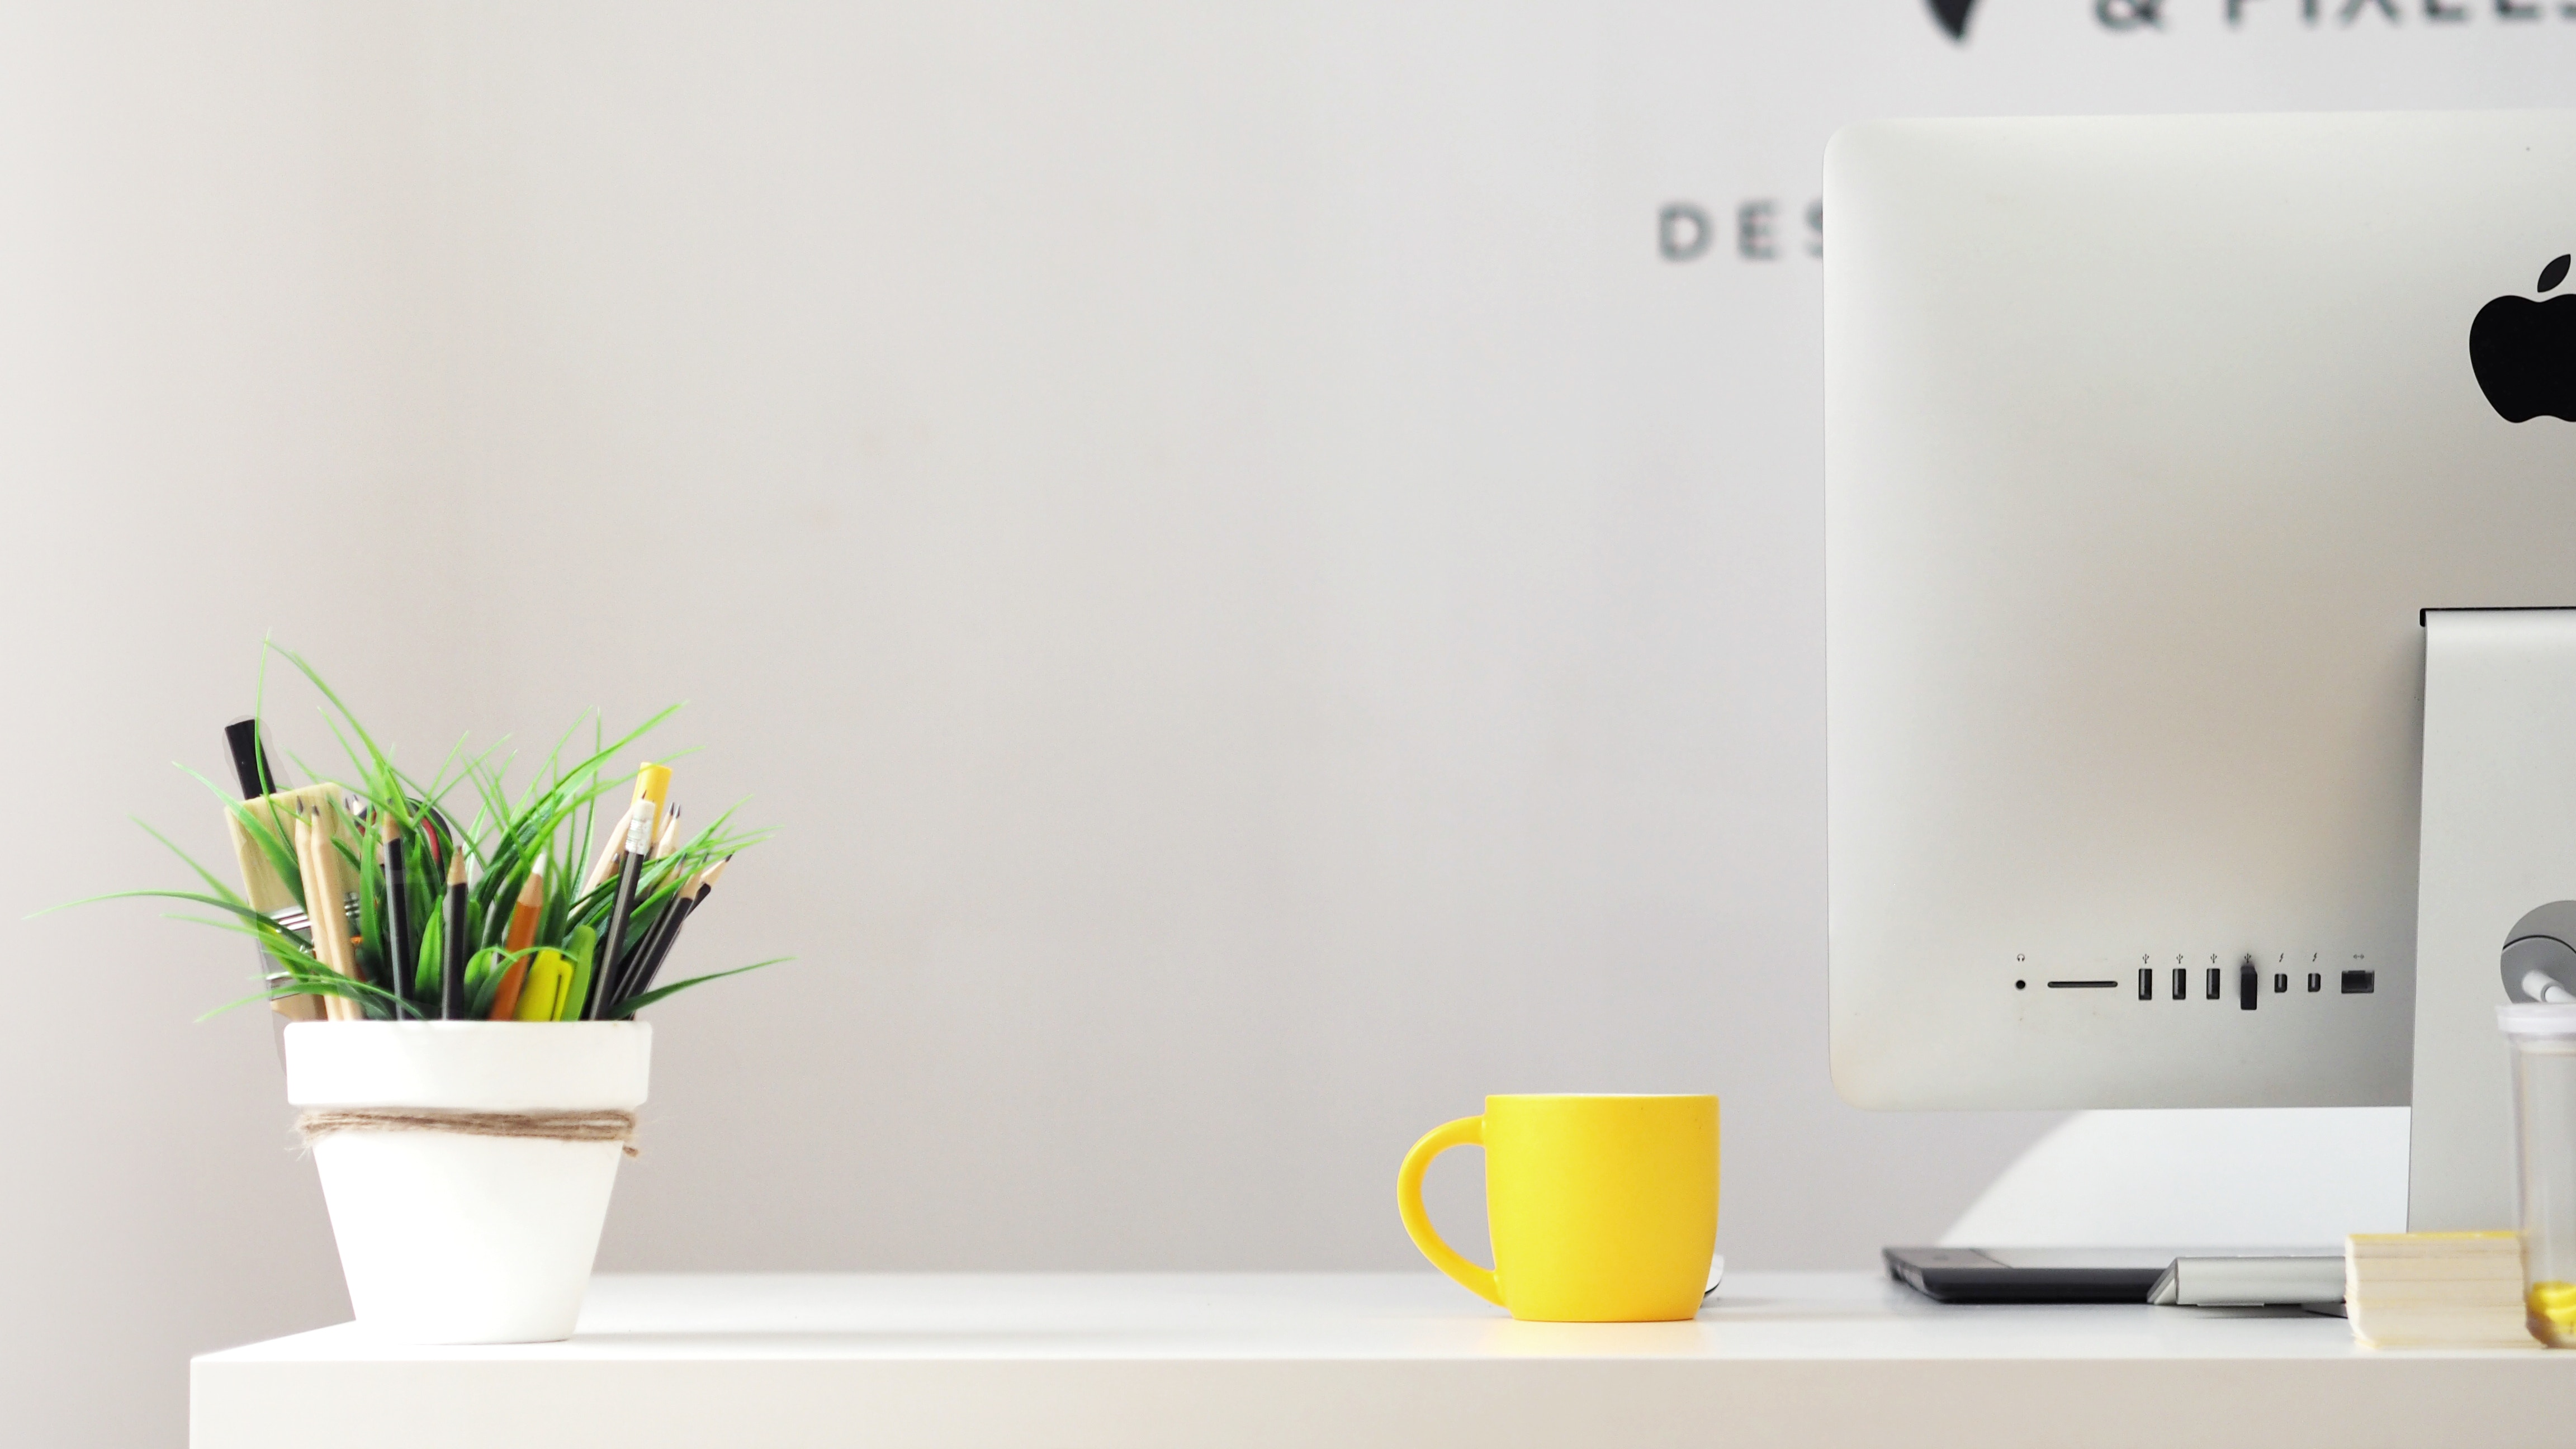 Si quieres emprender es el momento de crearte una página web gratis